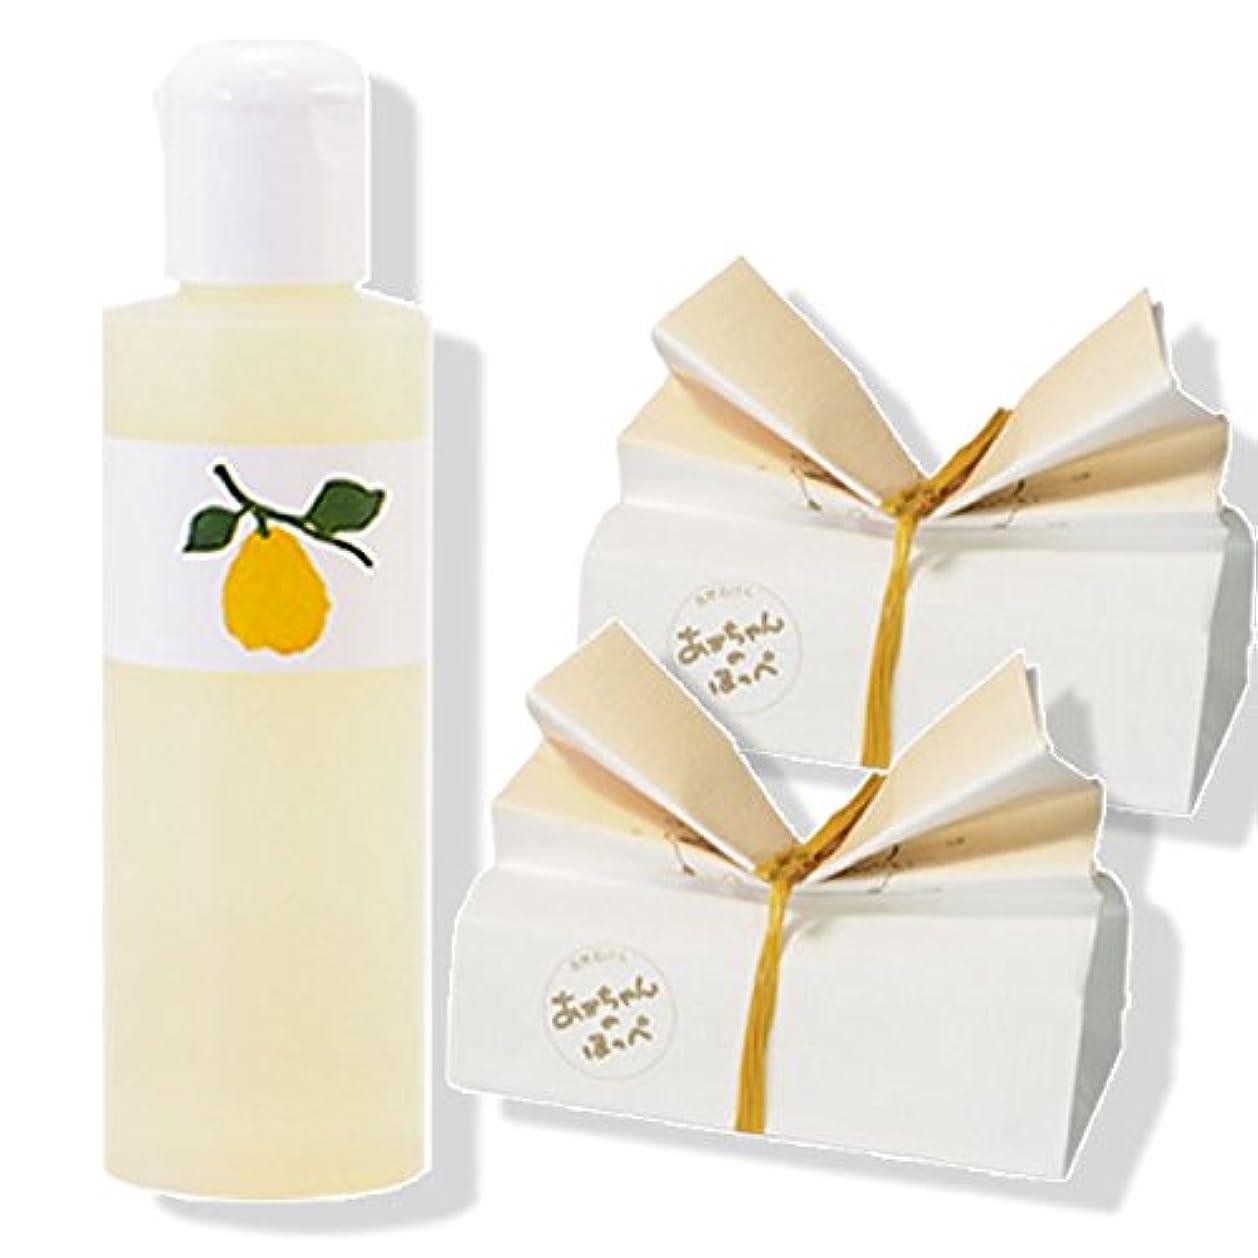 ヒョウお手入れ便宜「花梨の化粧水」1本 & 「あかちゃんのほっぺ」石鹸 2個セット